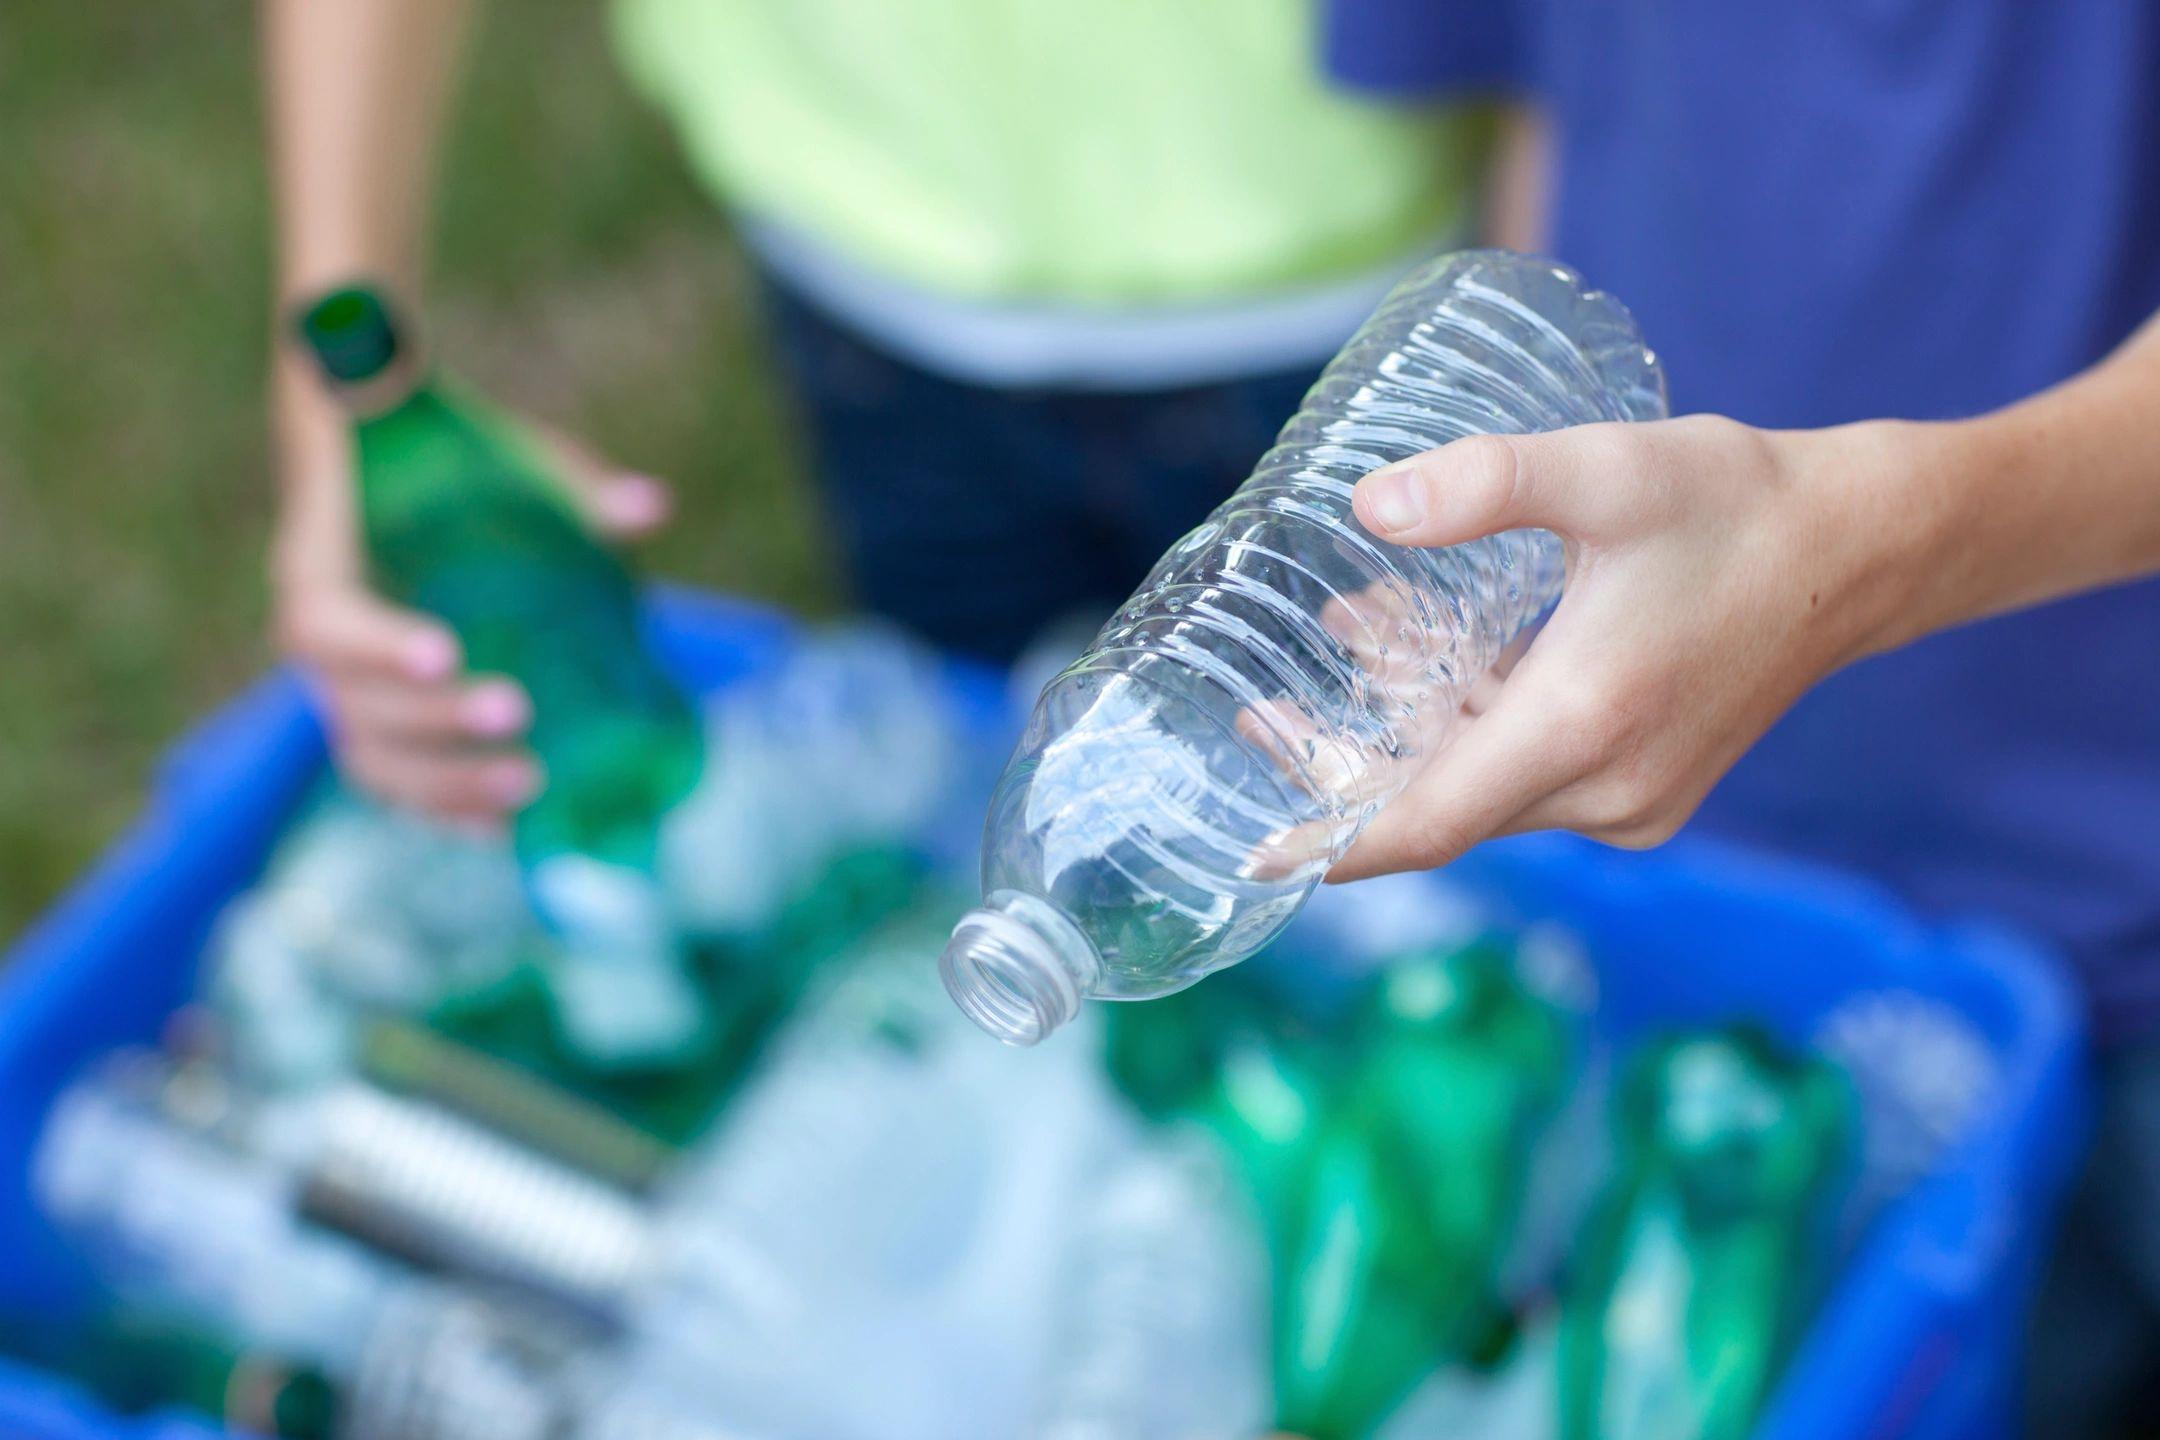 Aprendamos a reciclar y obtener ingresos extras en nuestras casas